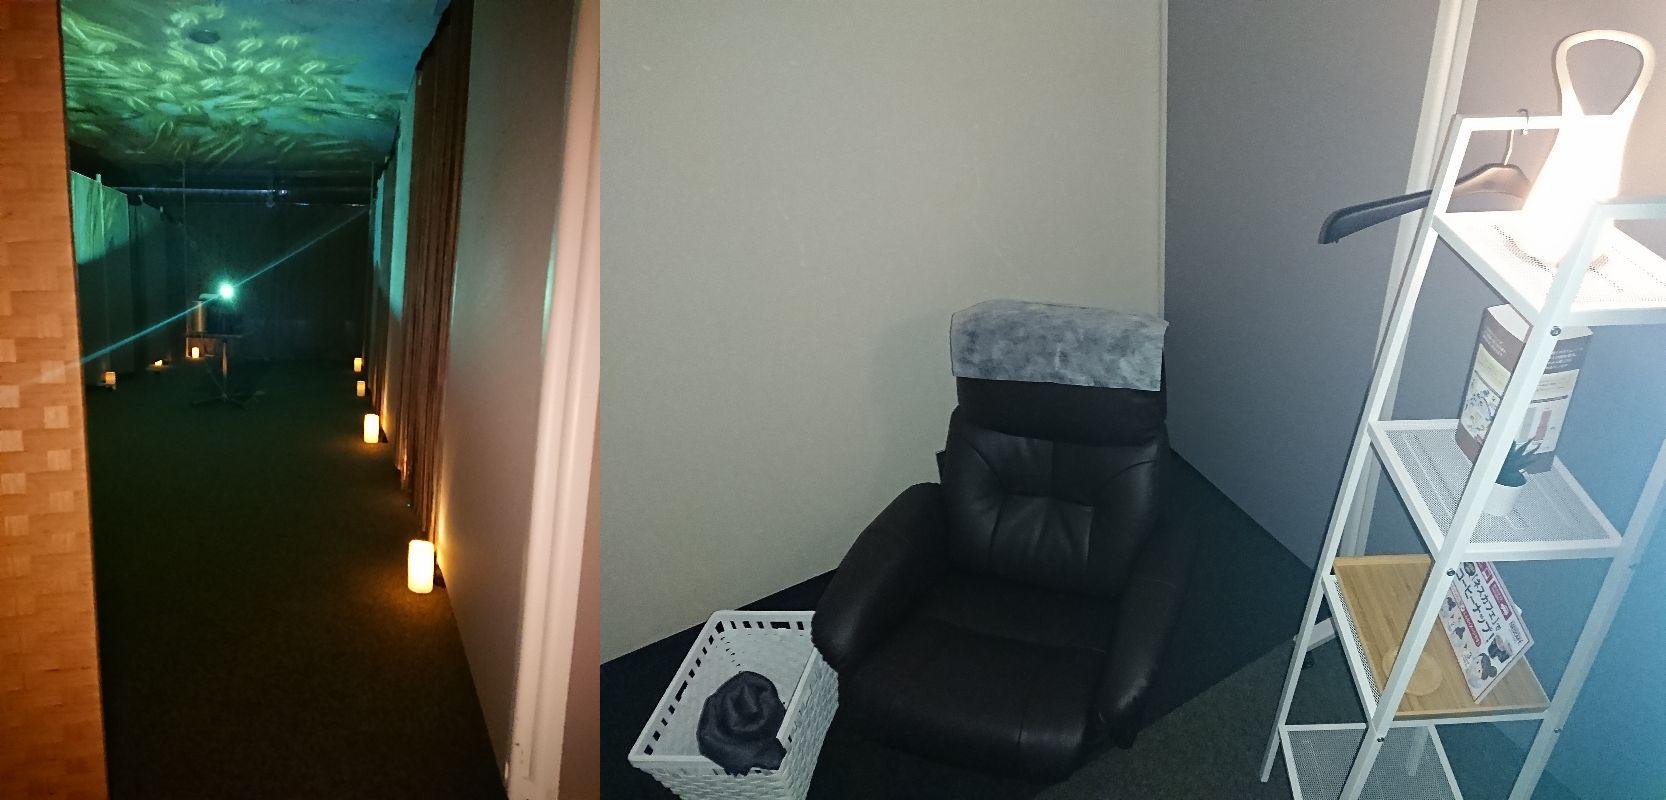 左:足元に明かり、天井にも画像が投映されえています。右:リクライニングチェア